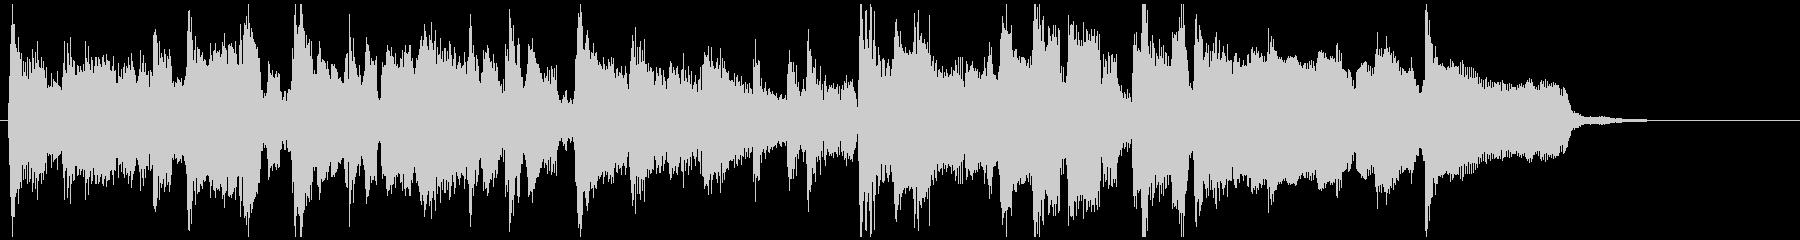 柔らかいジャズロック系の15秒ジングルの未再生の波形